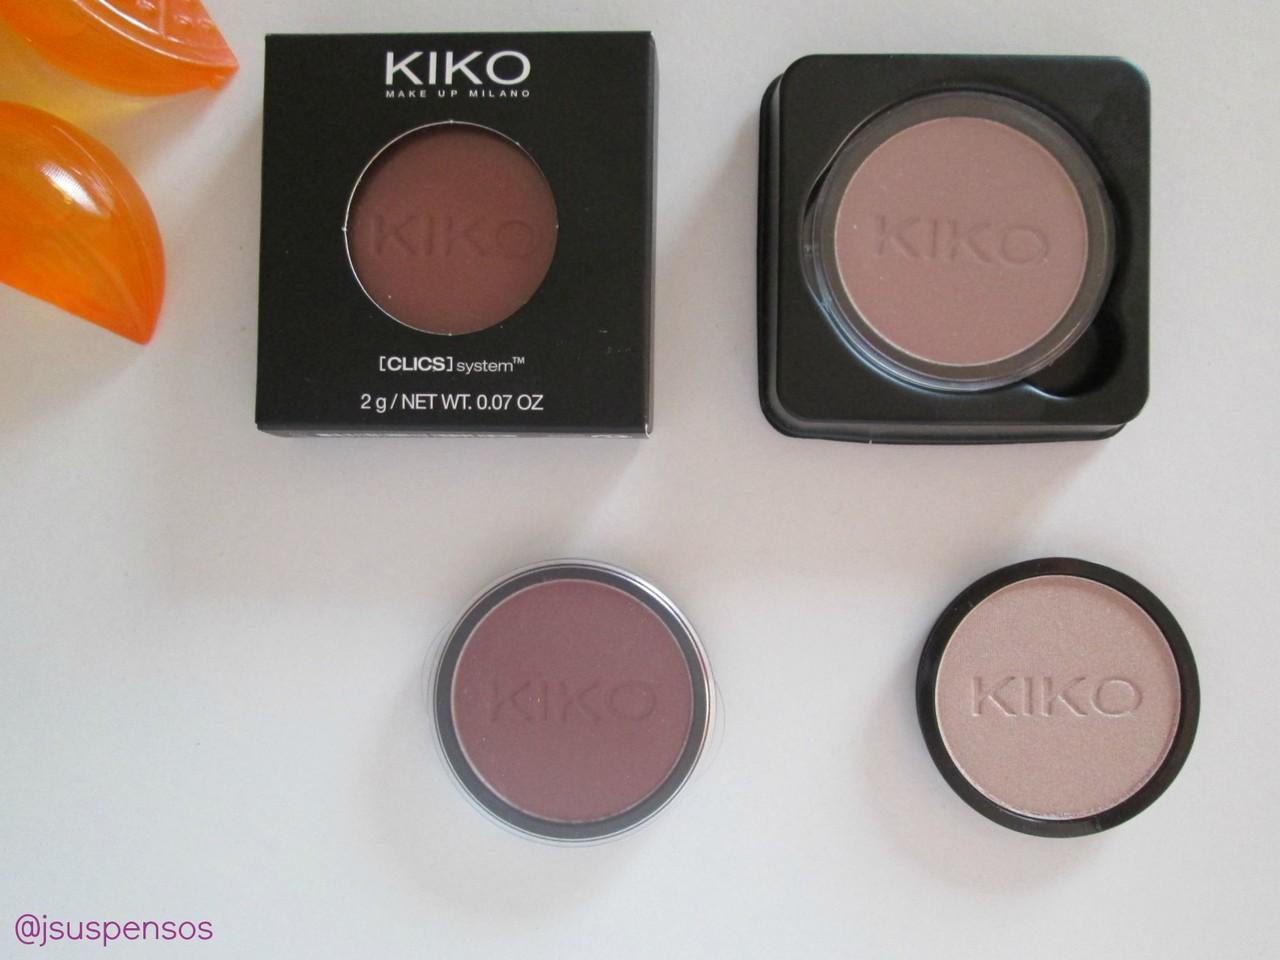 kiko-clicks-3-jardins-suspensos.jpg